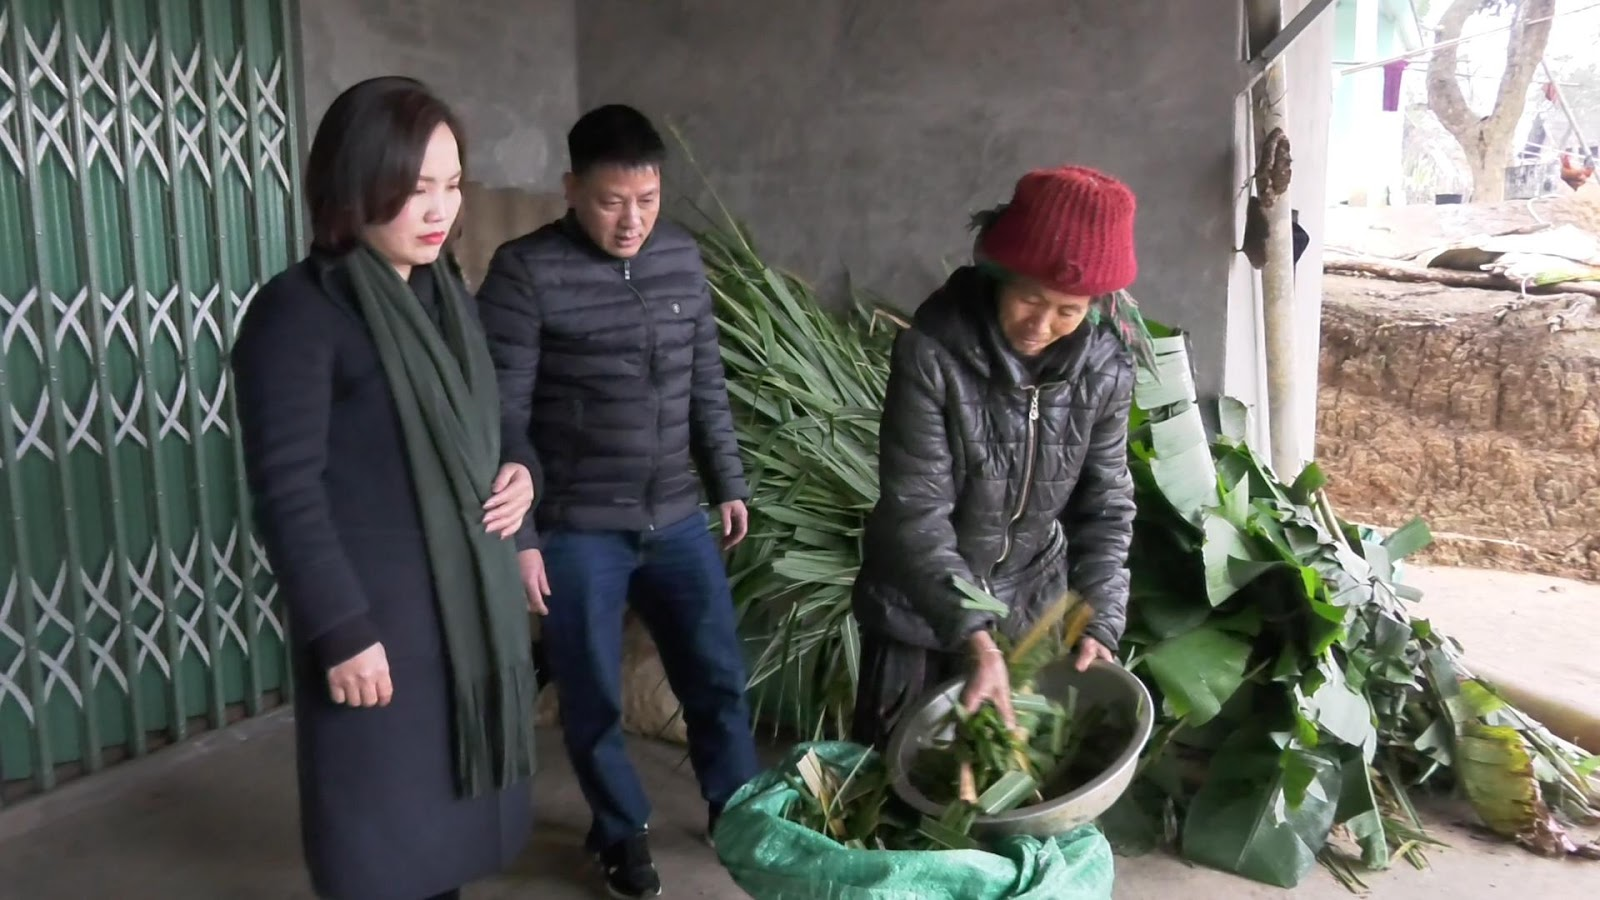 Đồng chí Sùng Hồng Mai – Phó chủ tịch UBND huyện kiểm tra công tác phòng chống rét cho gia súc tại xã Nậm Chạc